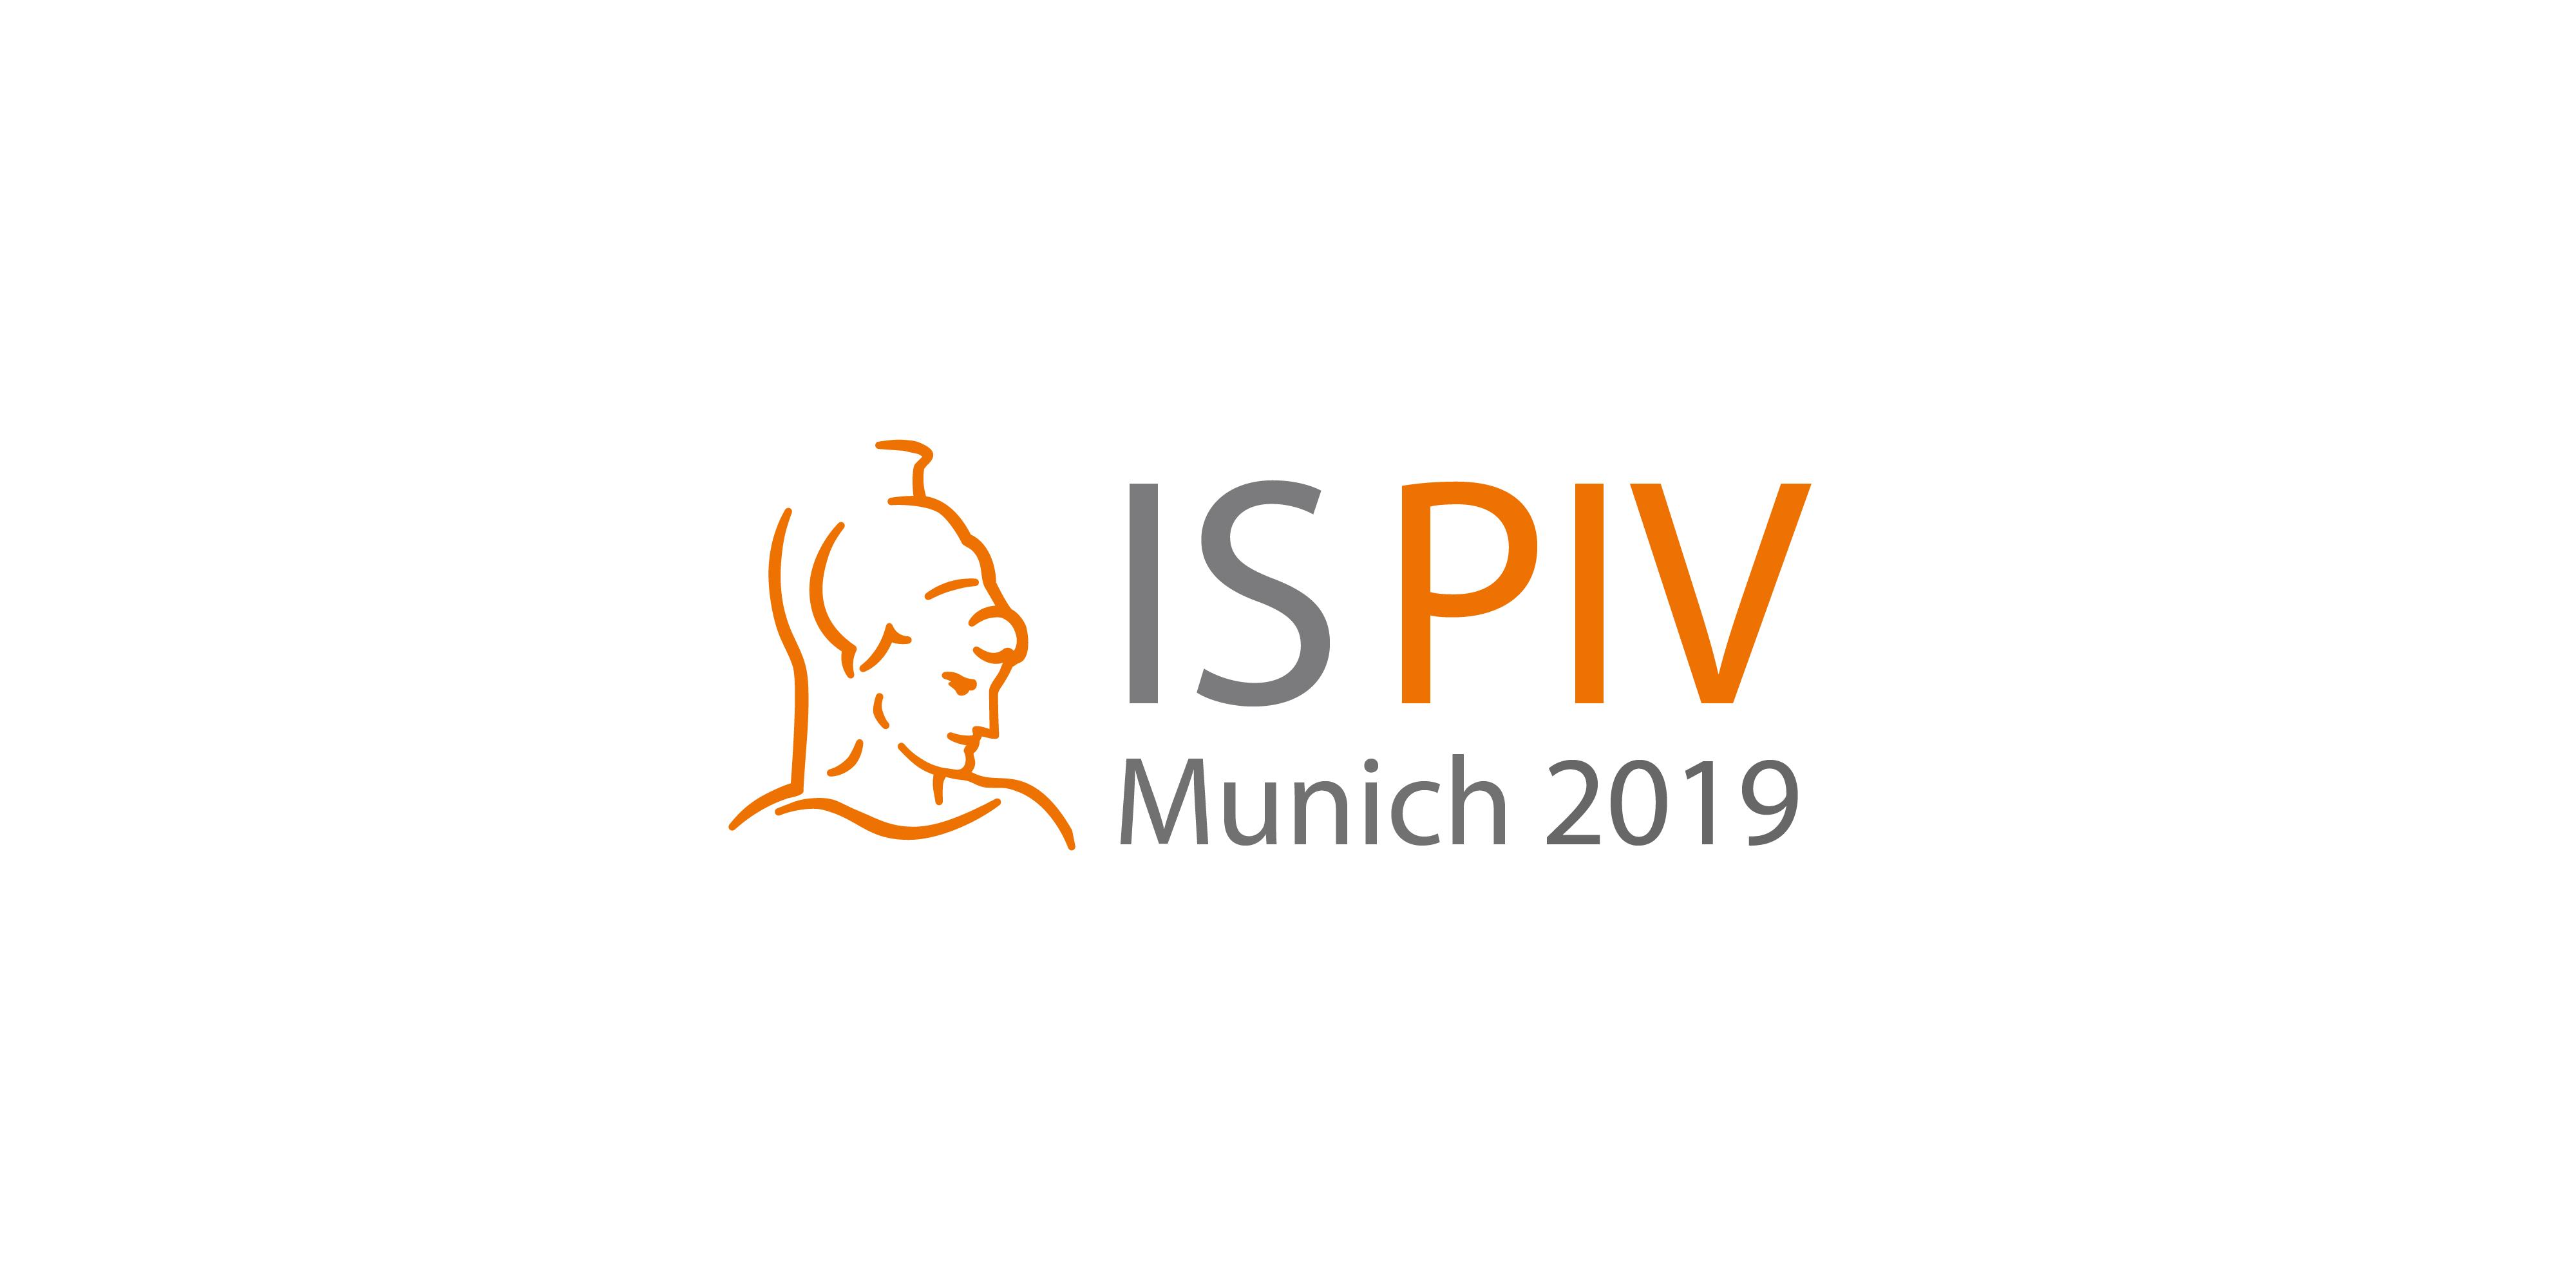 ISPIV2019